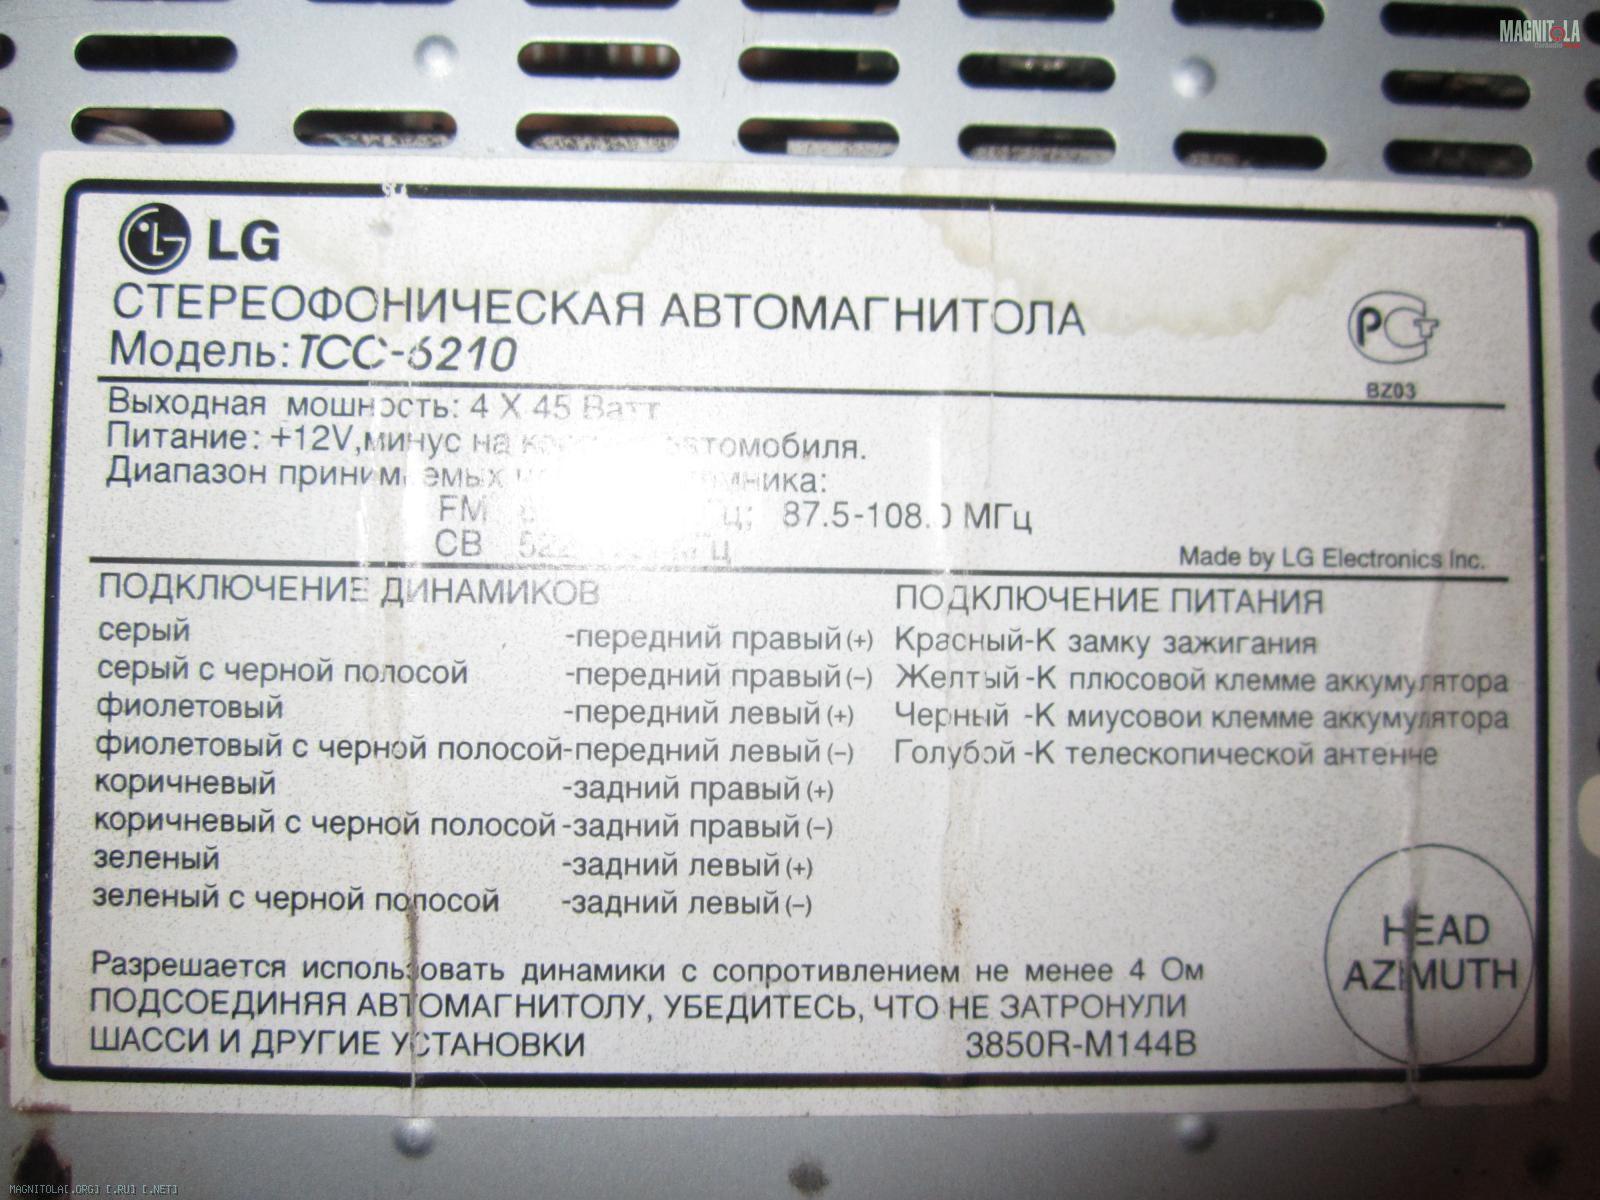 кассетная автомагнитола lg тсс 8210 фото инструкция по применению